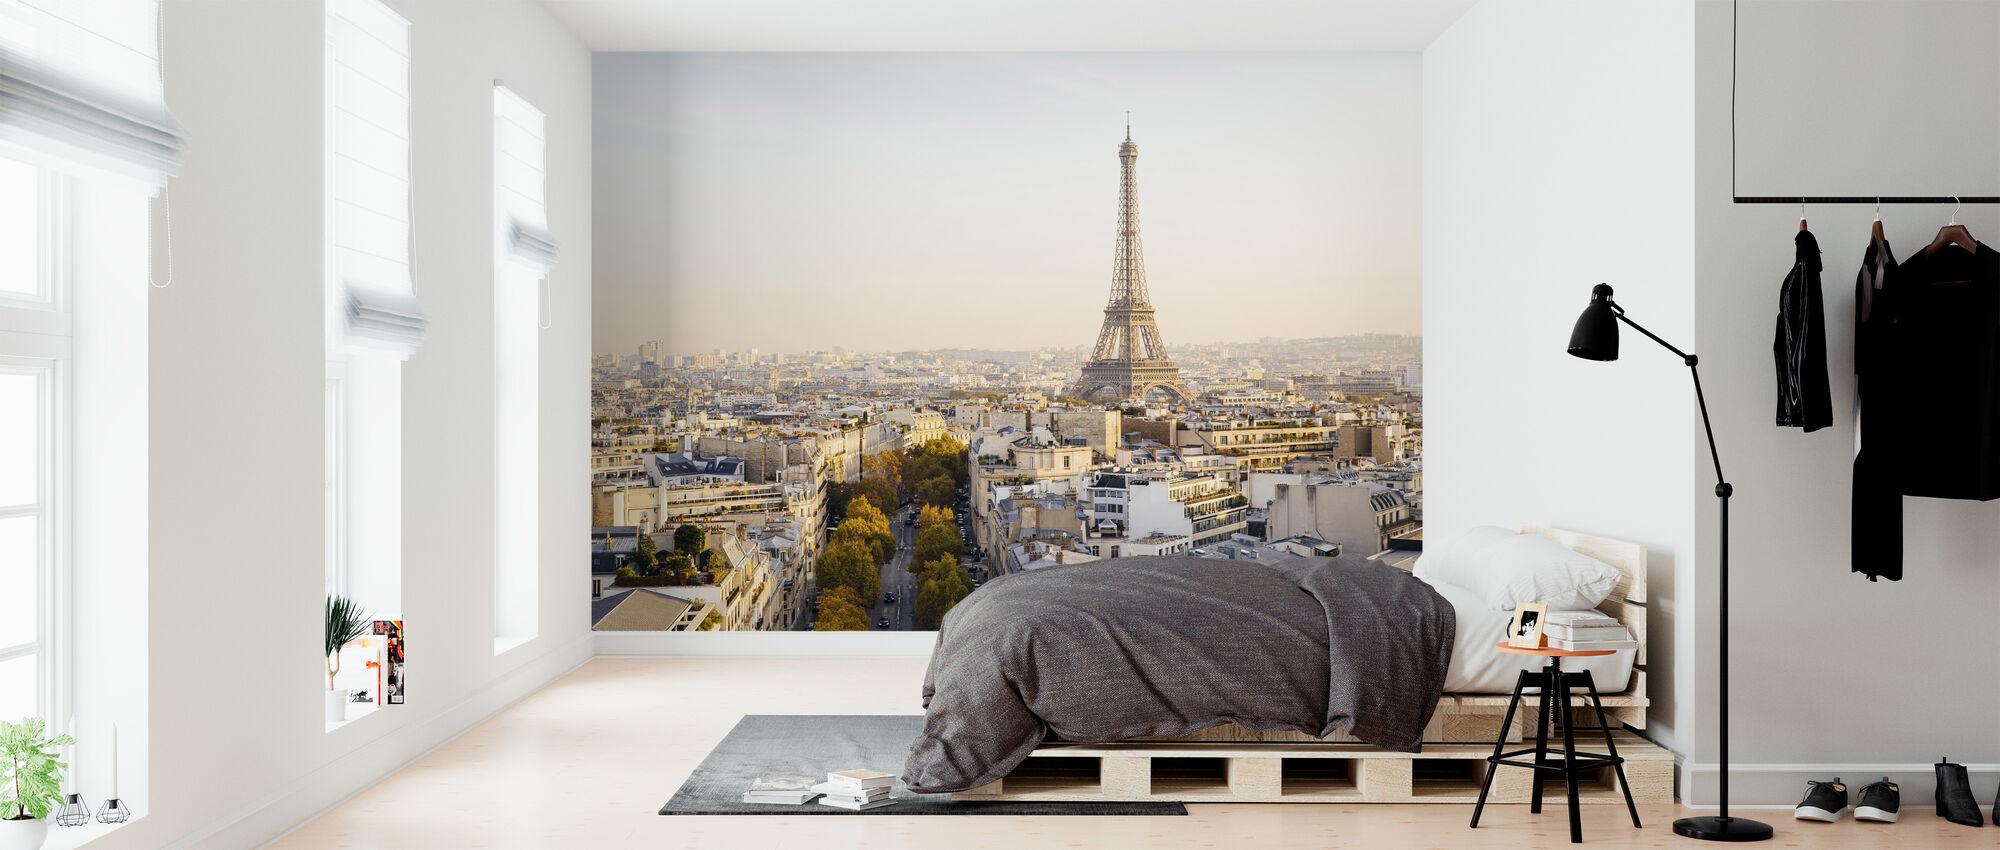 Eiffel-torni ja Pariisin horisonttiin - Tapetti - Makuuhuone